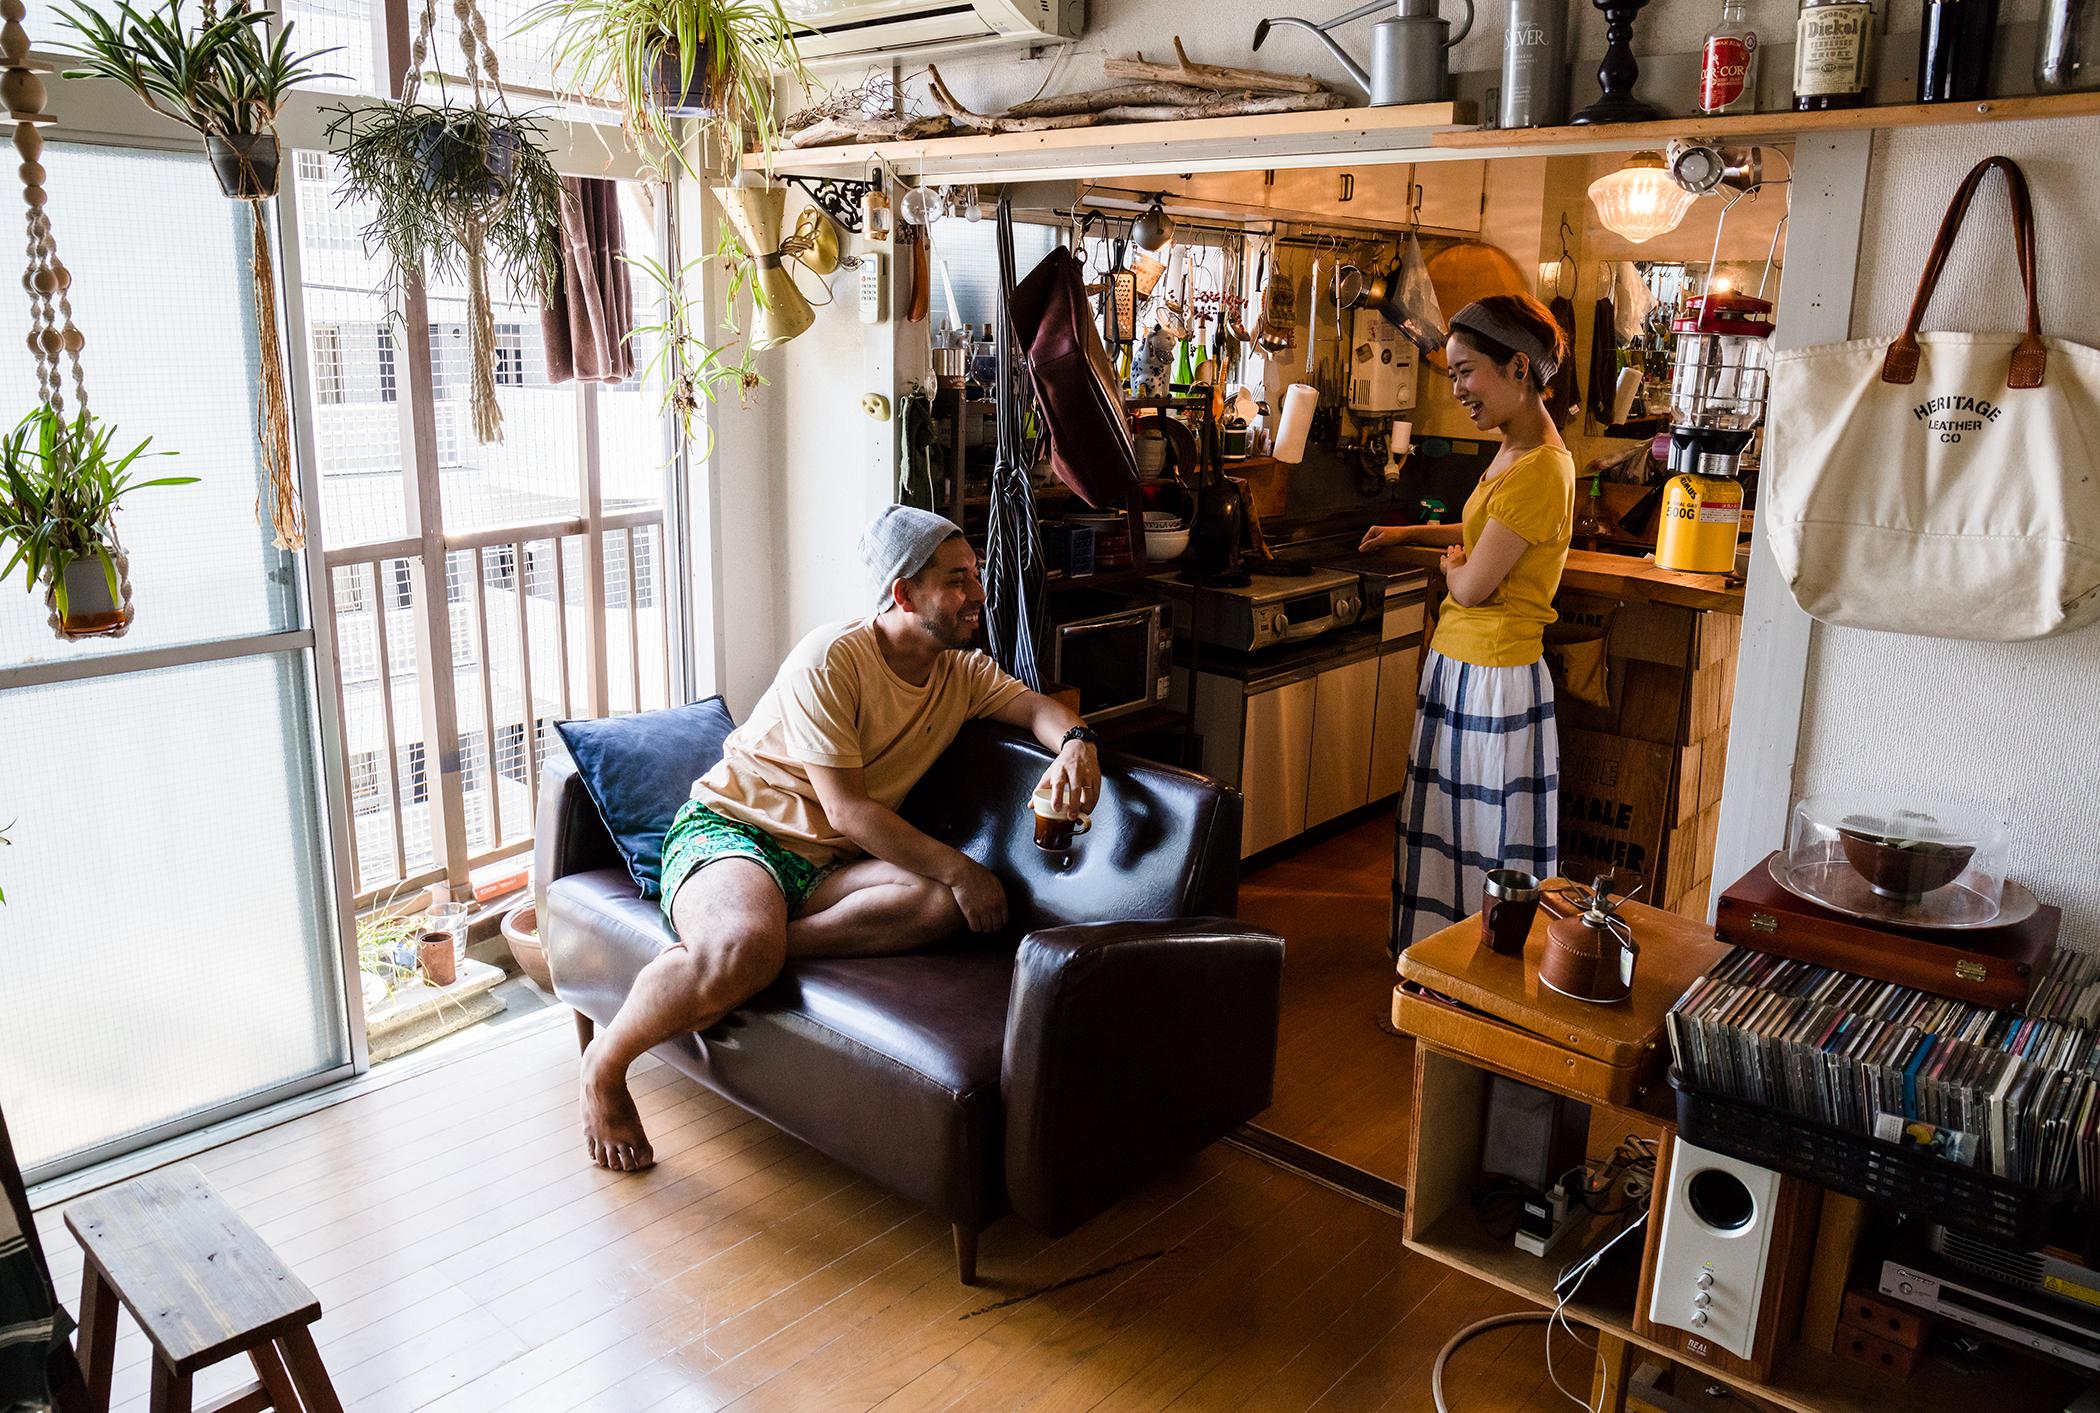 飲食で街を盛り上げる夫婦が暮らすのは、クリエイターが集まるDIYマンション(千葉県松戸市)|みんなの部屋